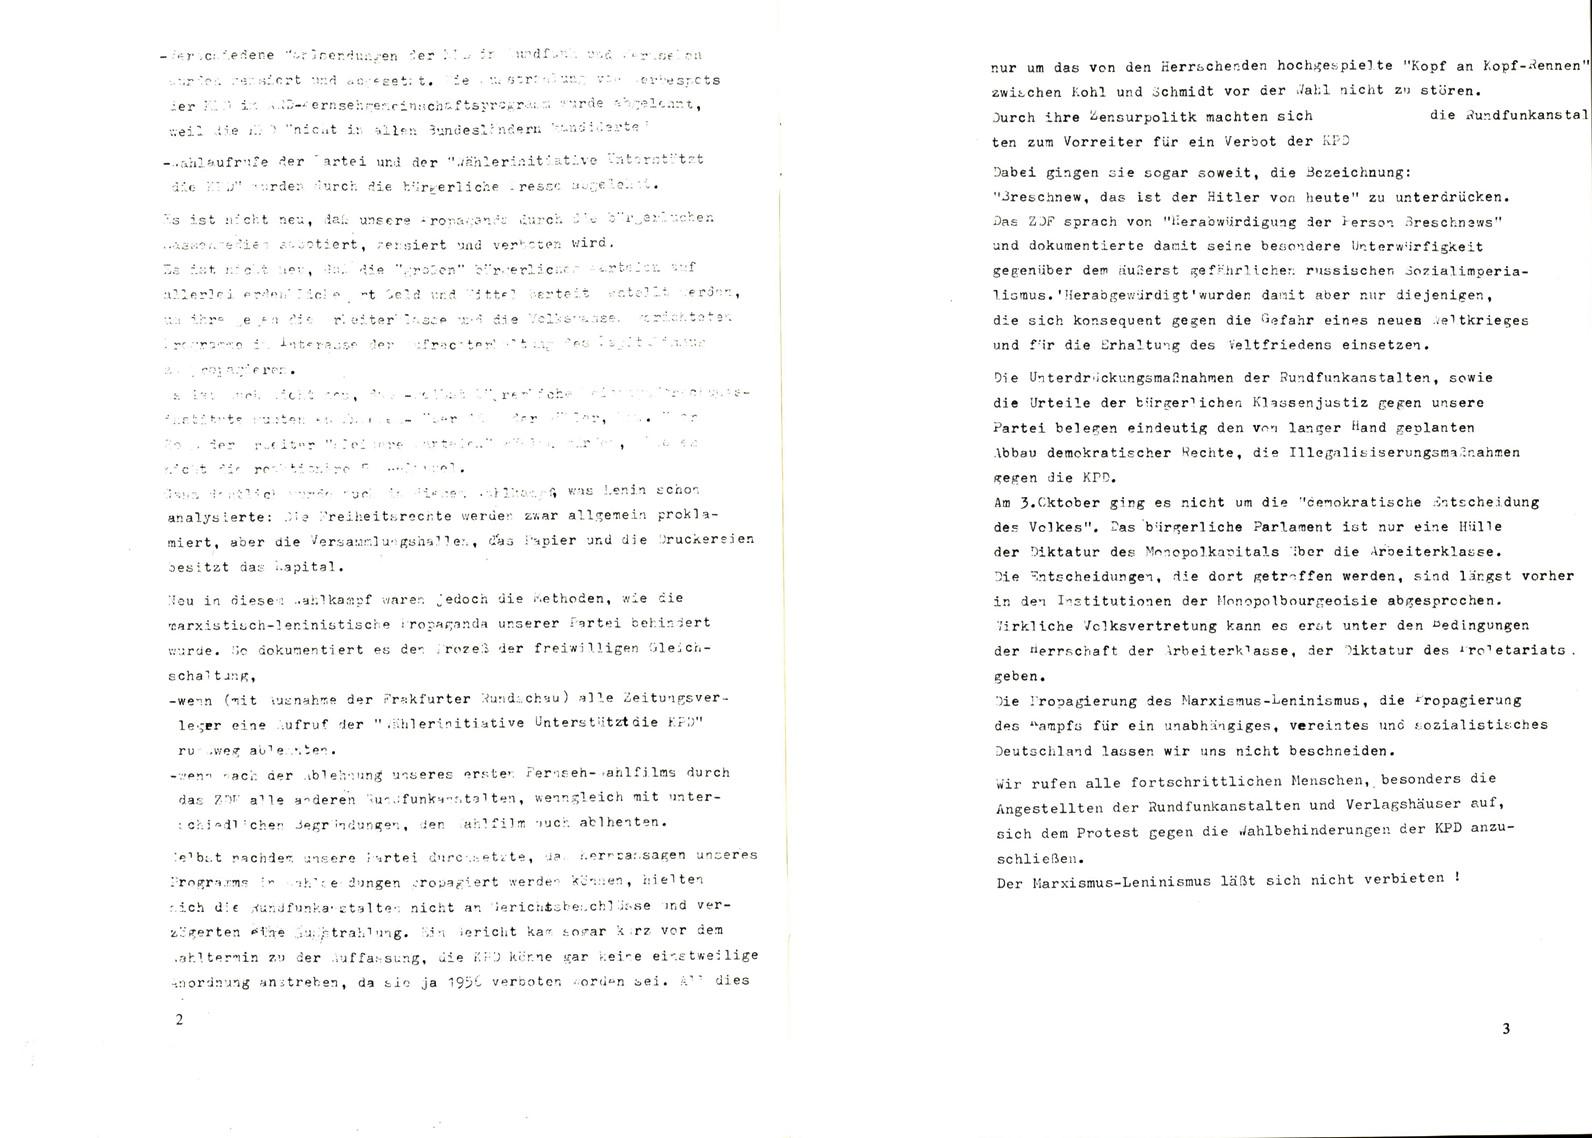 KPDAO_1976_Wahlbehinderungen_im_BTW_03